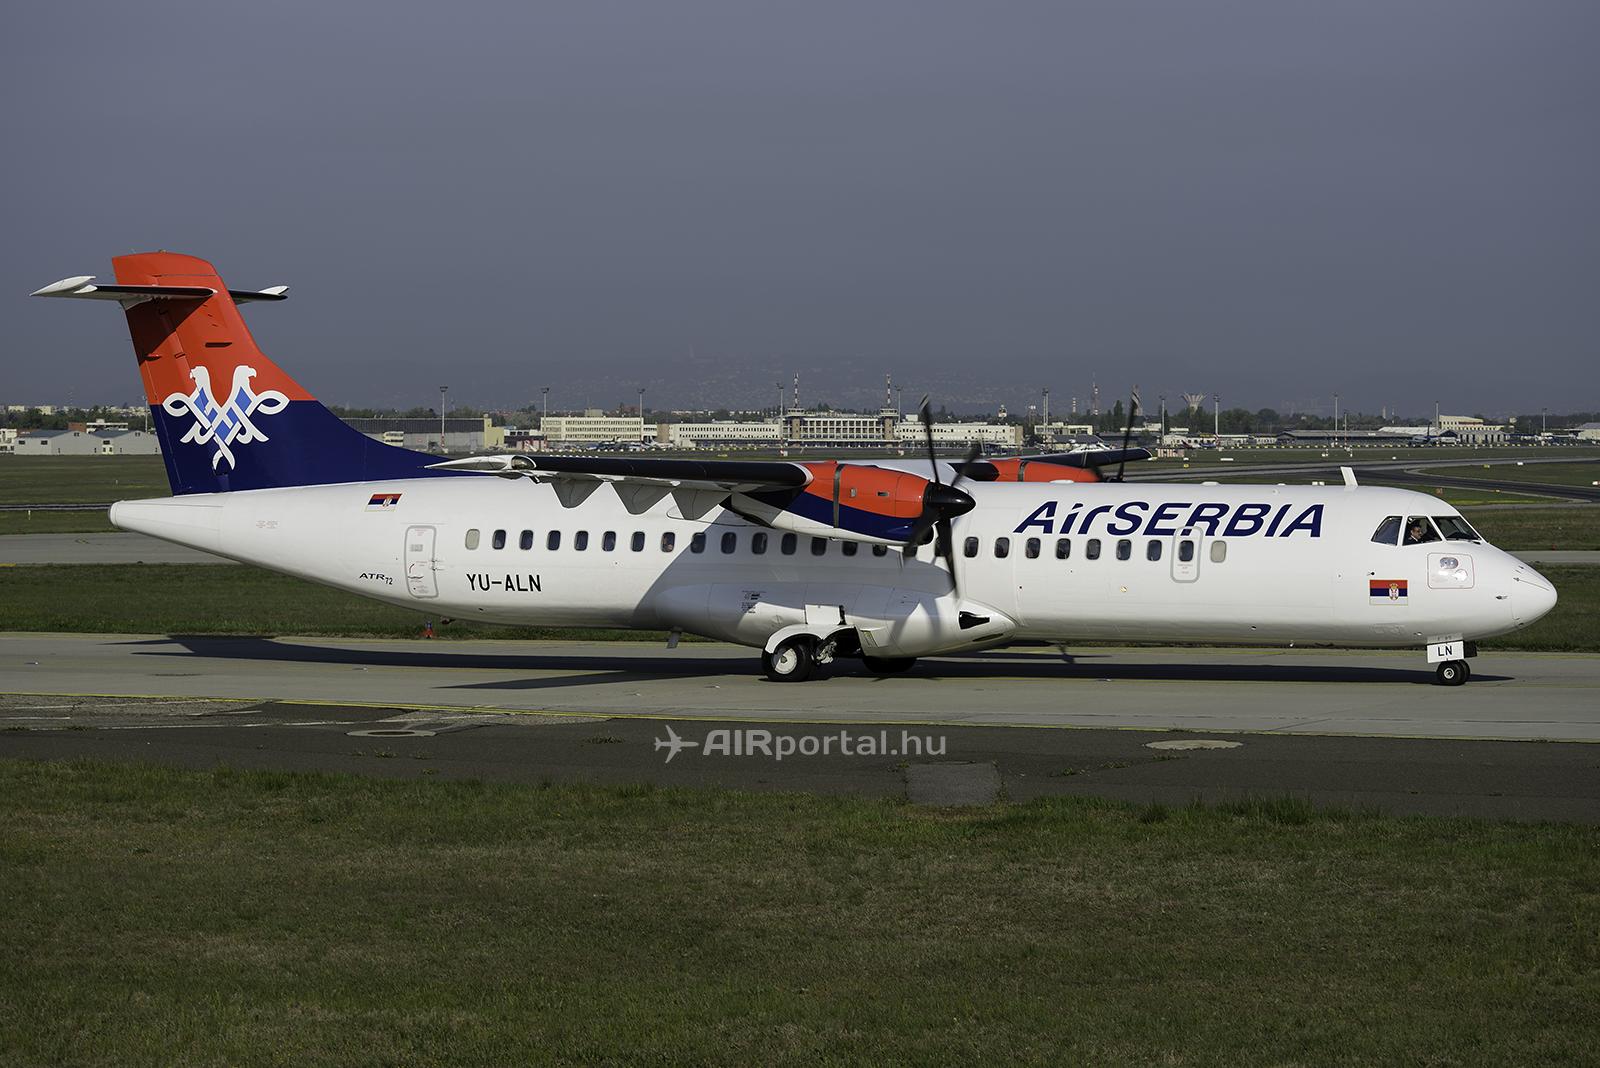 Bár a vizsgálat nem az egyes légitársaságokra irányul, azonban az Air Serbia okozta fejlődési kötelezettségek is közrejátszhatnak a pozitív elbírálásban. (Fotó: Bodorics Tamás - AIRportal.hu) | © AIRportal.hu